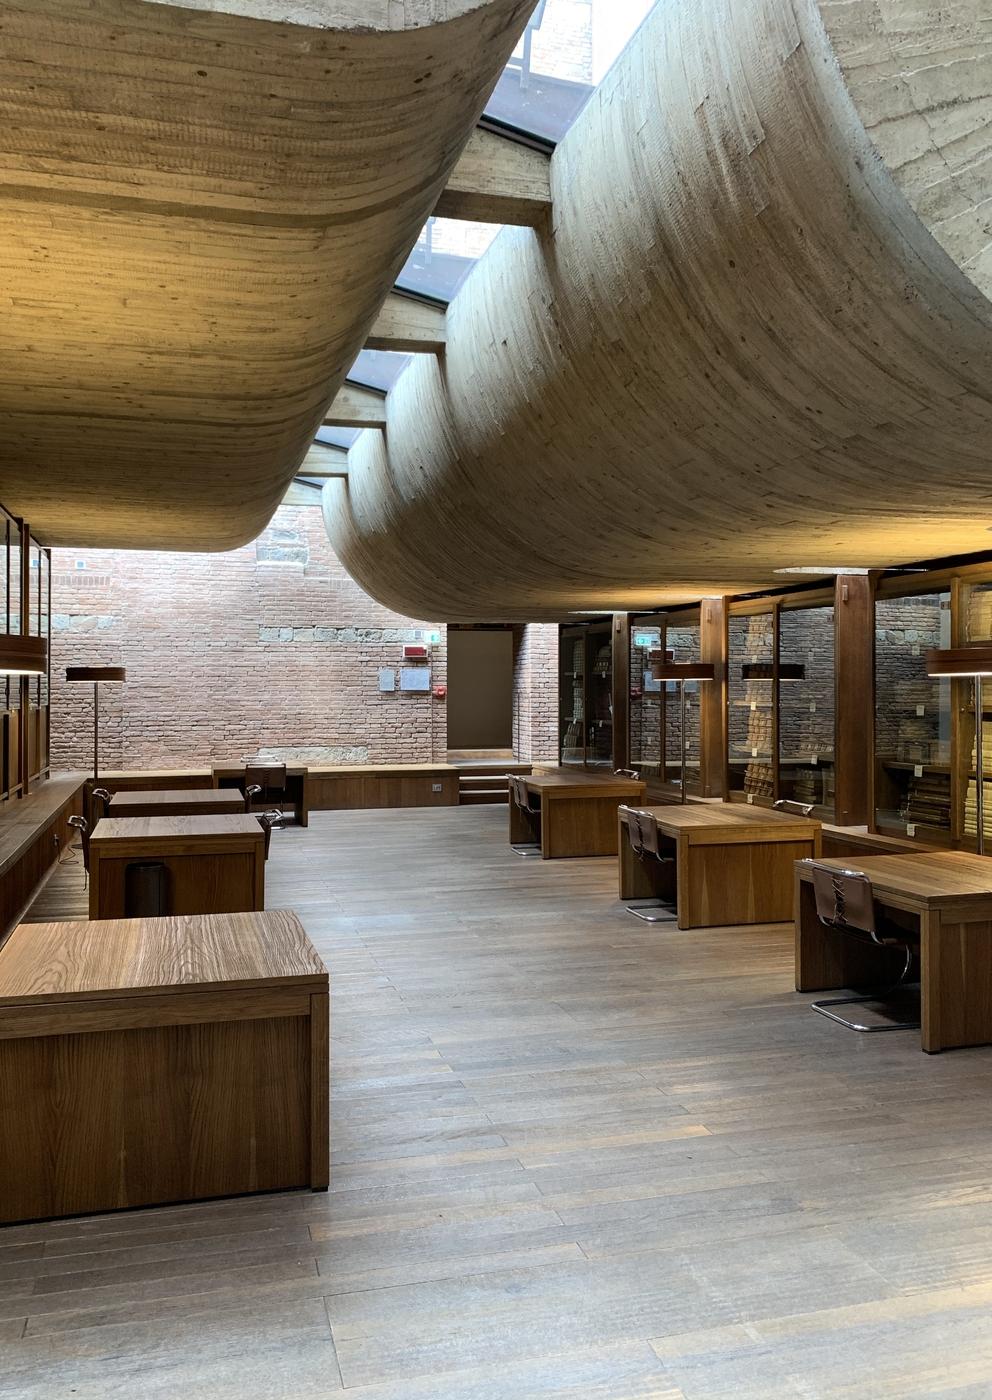 Banca Monte dei Paschi, Sala di consultazione, presso la sede storica del Monte dei Paschi alla Rocca Salimbeni, Siena